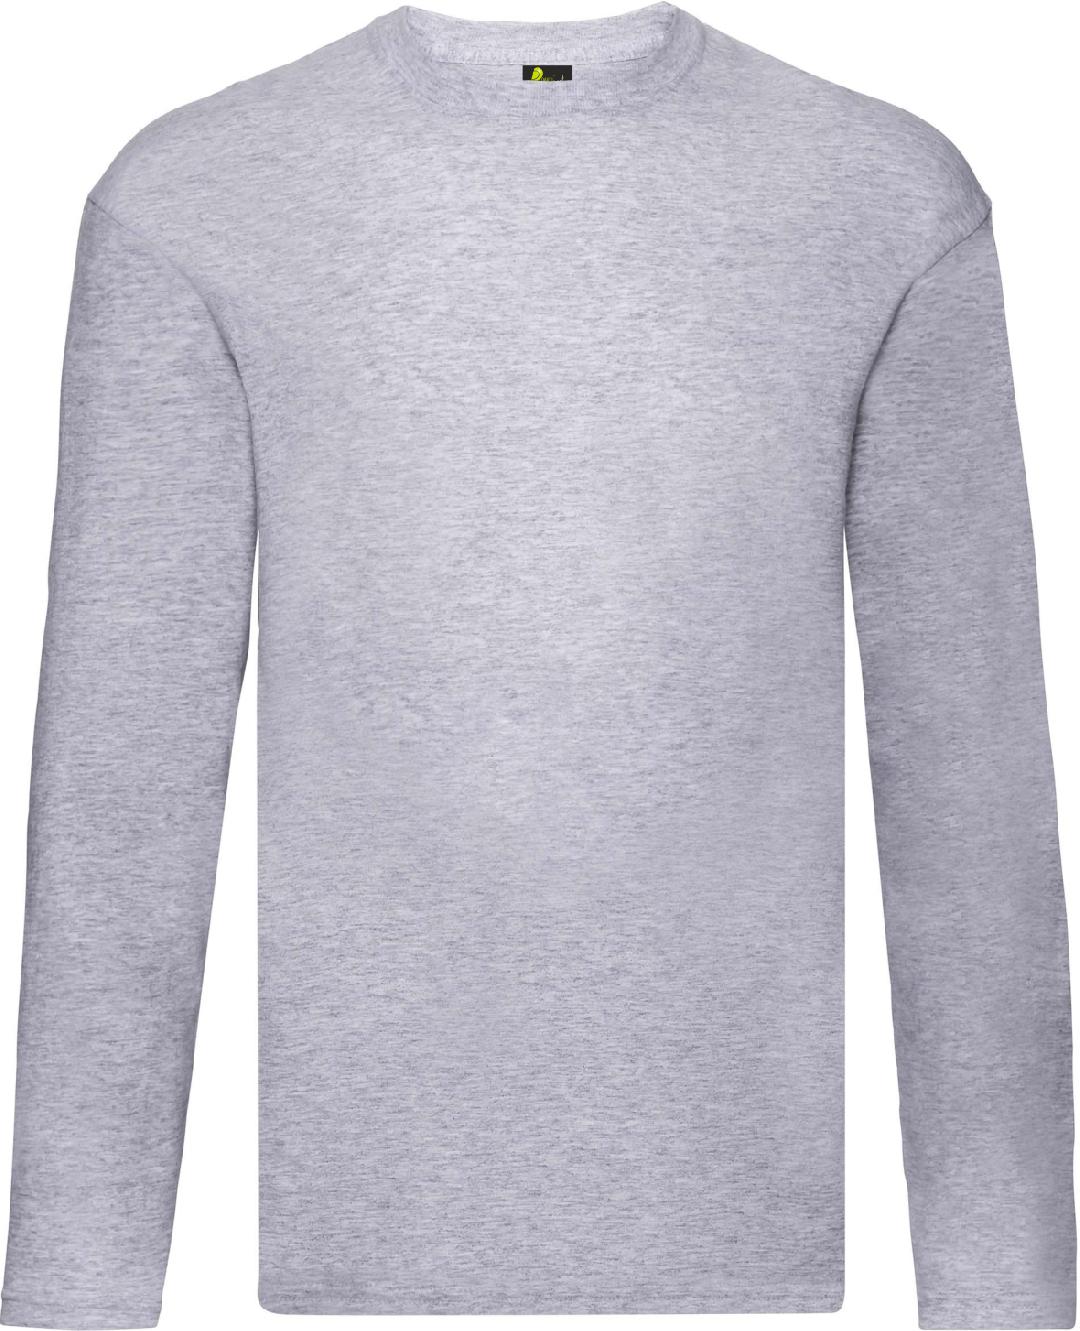 T-shirt unissexo de manga comprida